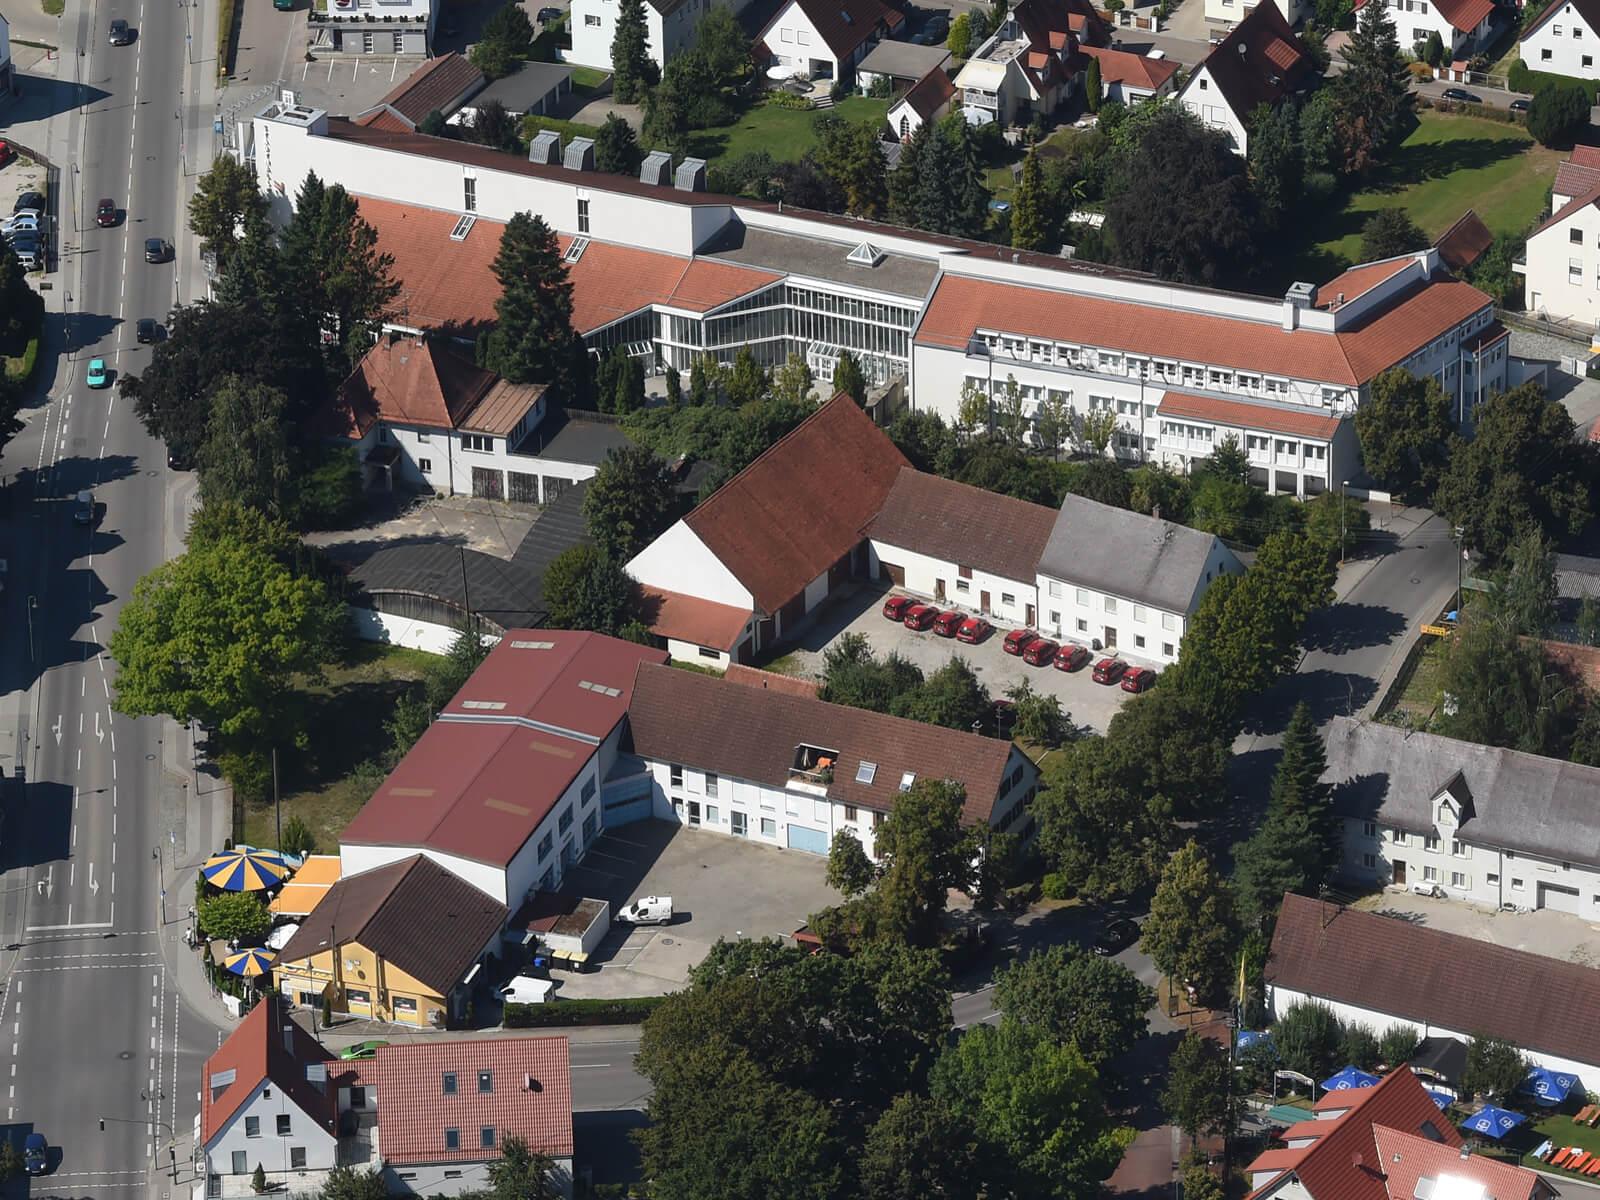 Blick von oben auf das Rathaus sowie die Stadthalle und die Umgebung. Foto: Marcus Merk